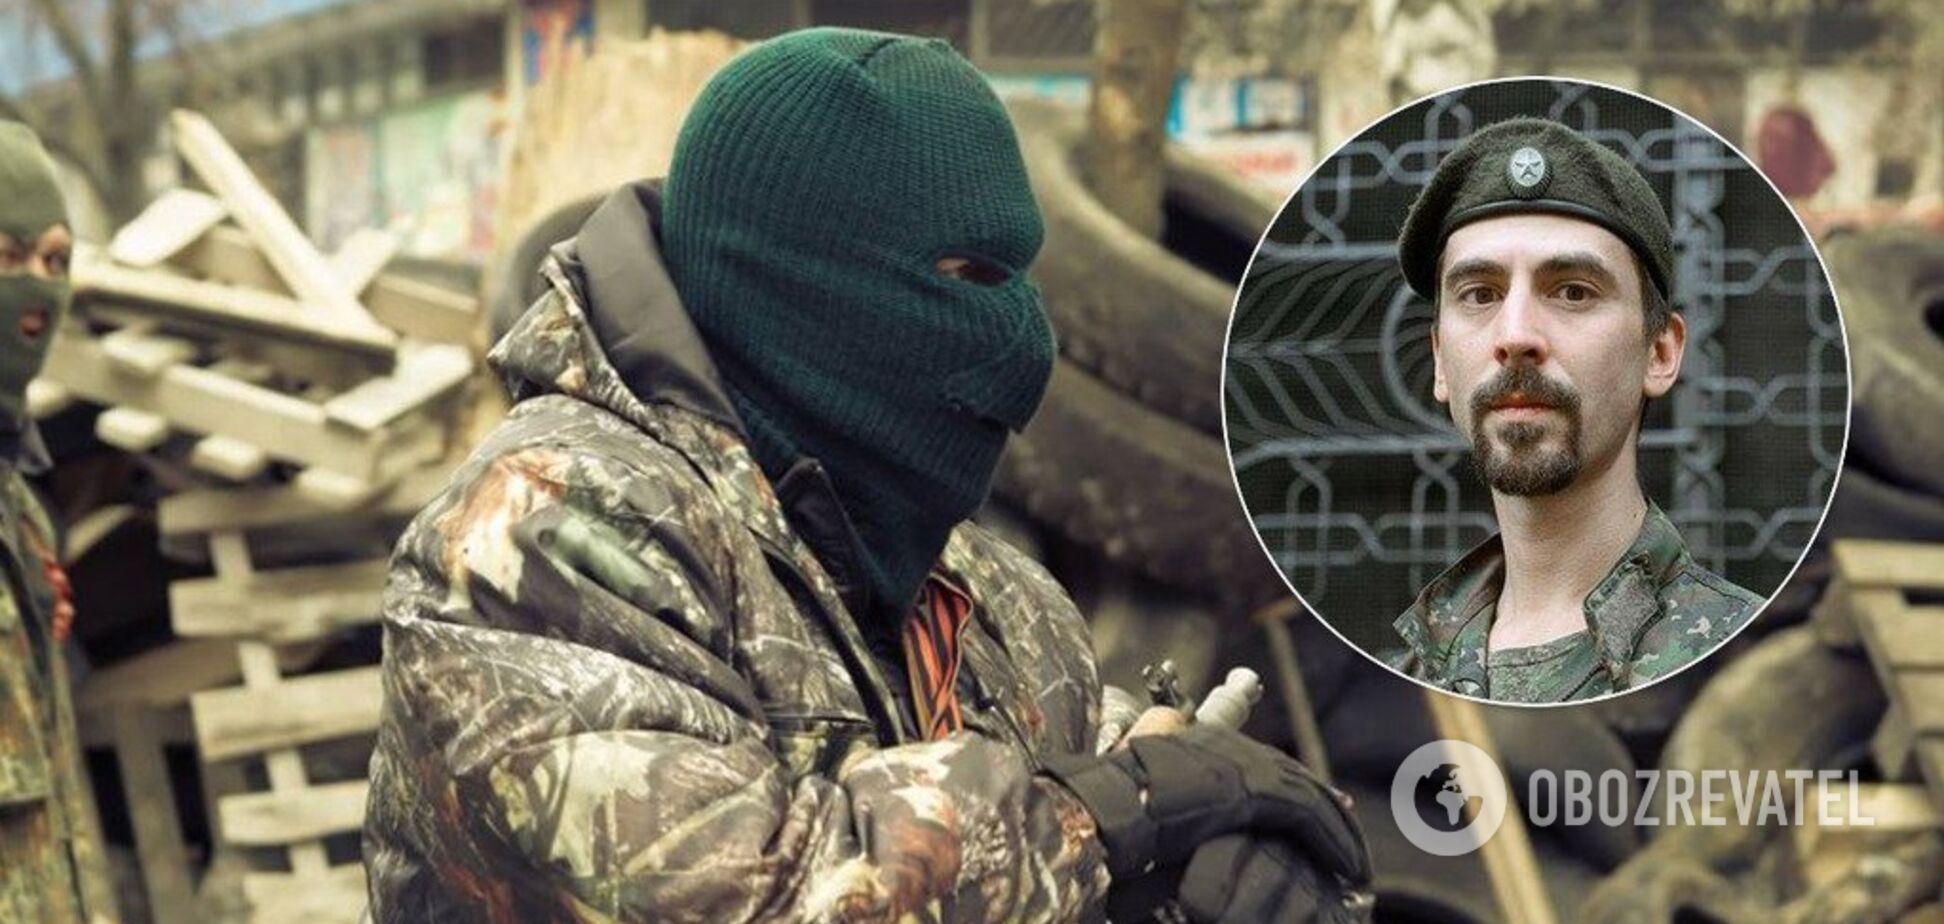 'Убрали свои, мрази!' Раскрылась правда о ликвидации террориста 'ДНР' на Донбассе